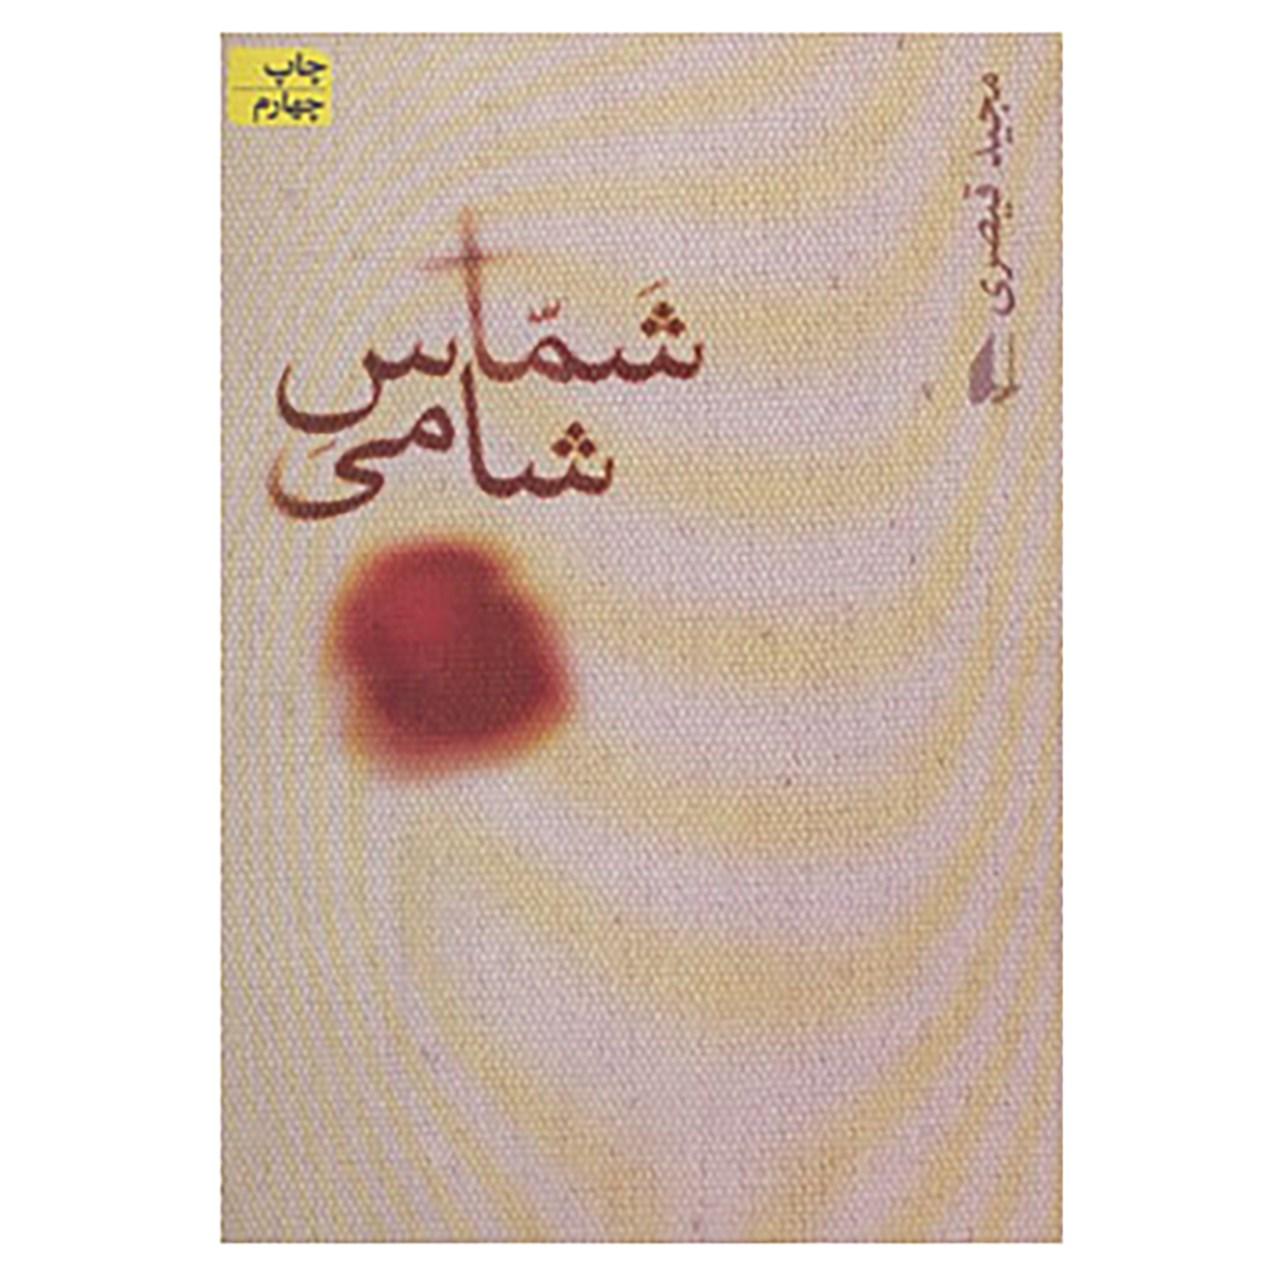 کتاب ادبیات امروز،رمان60 اثر مجید قیصری